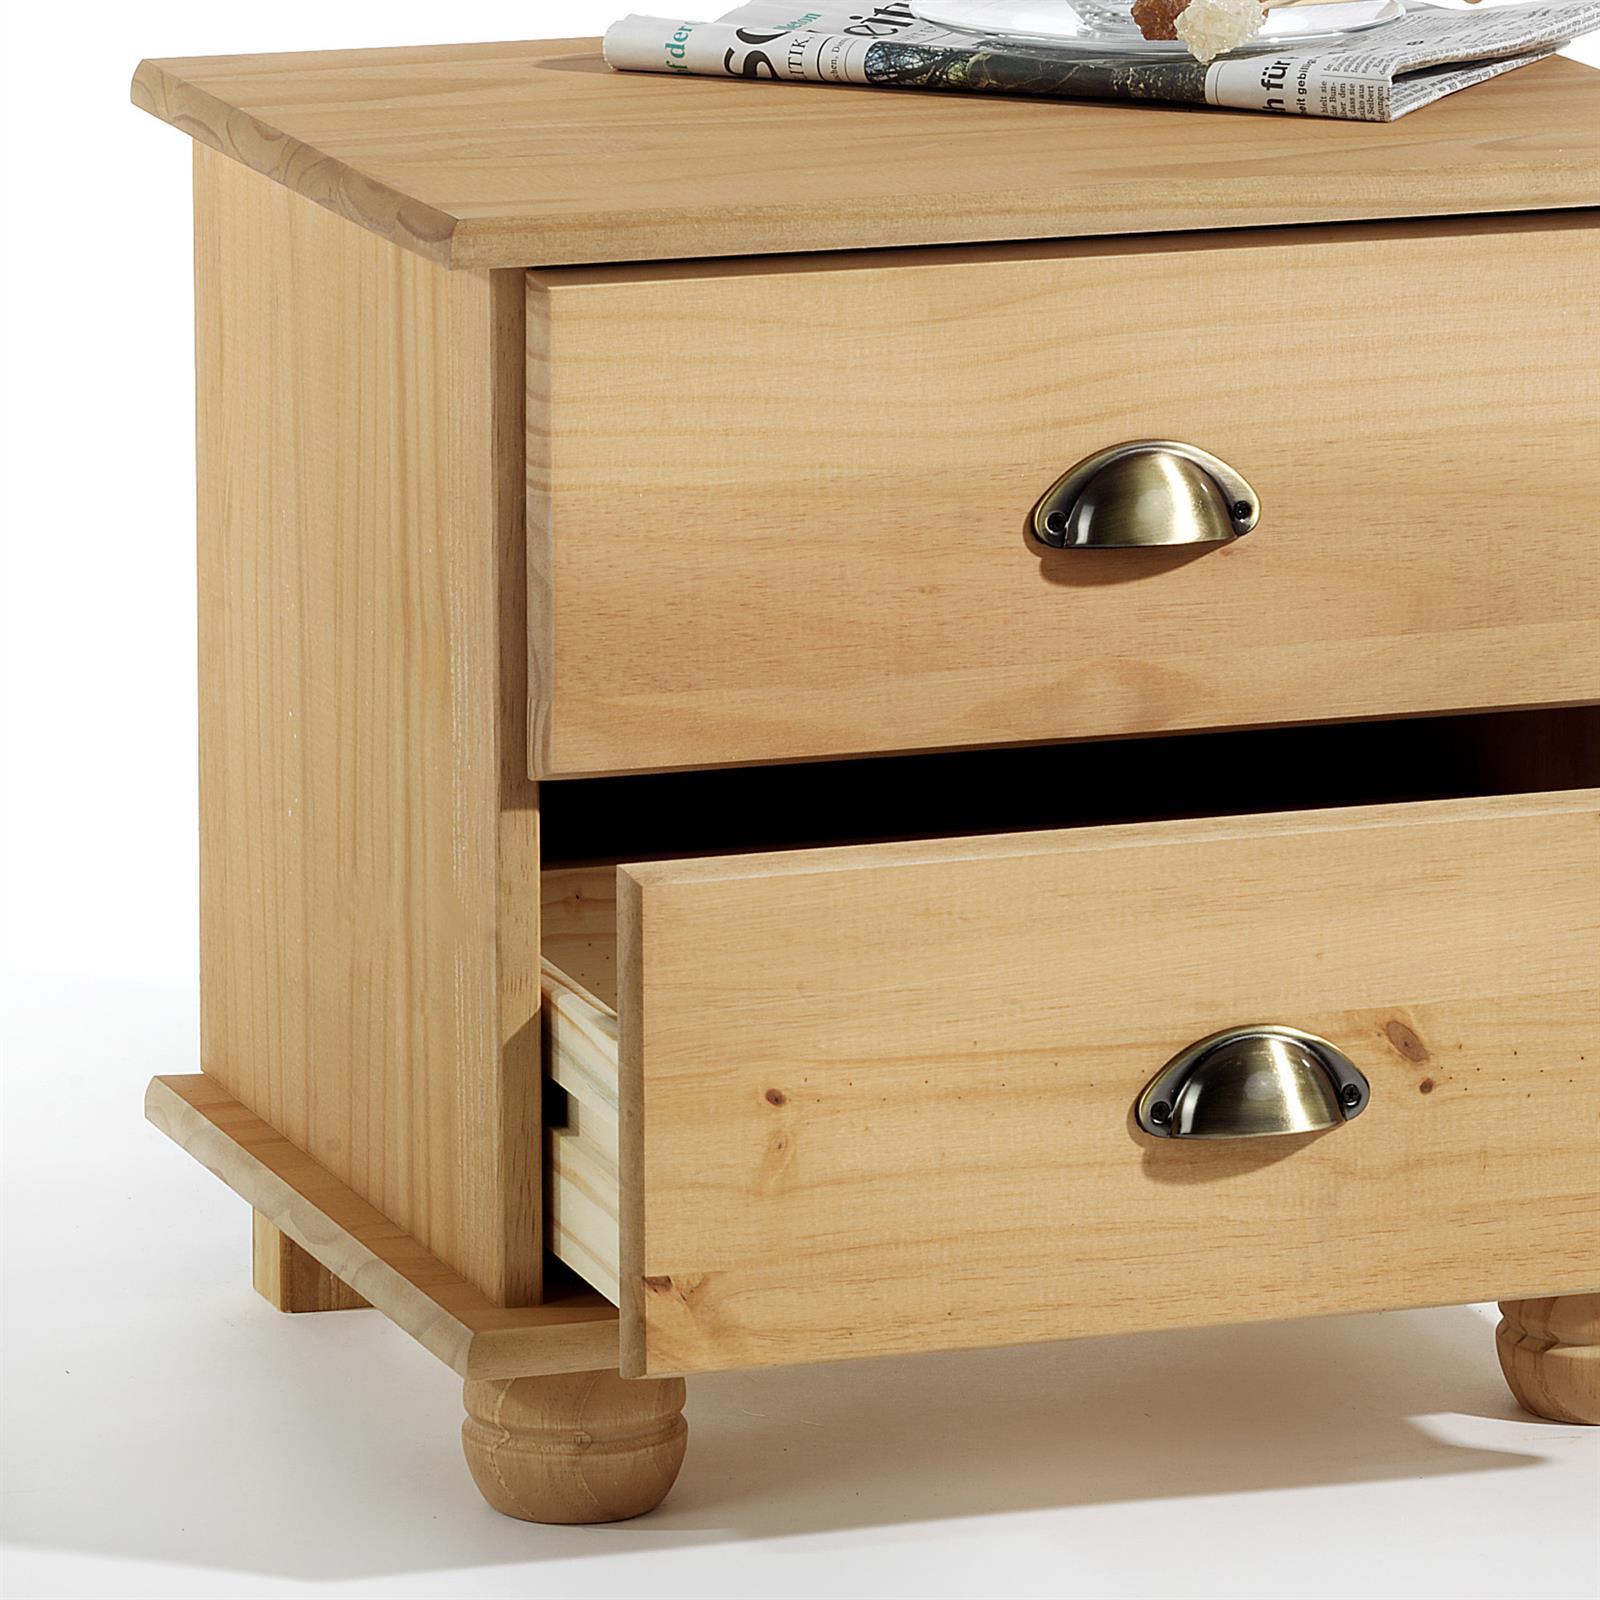 table de chevet en pin colmar finition cir e mobil meubles. Black Bedroom Furniture Sets. Home Design Ideas